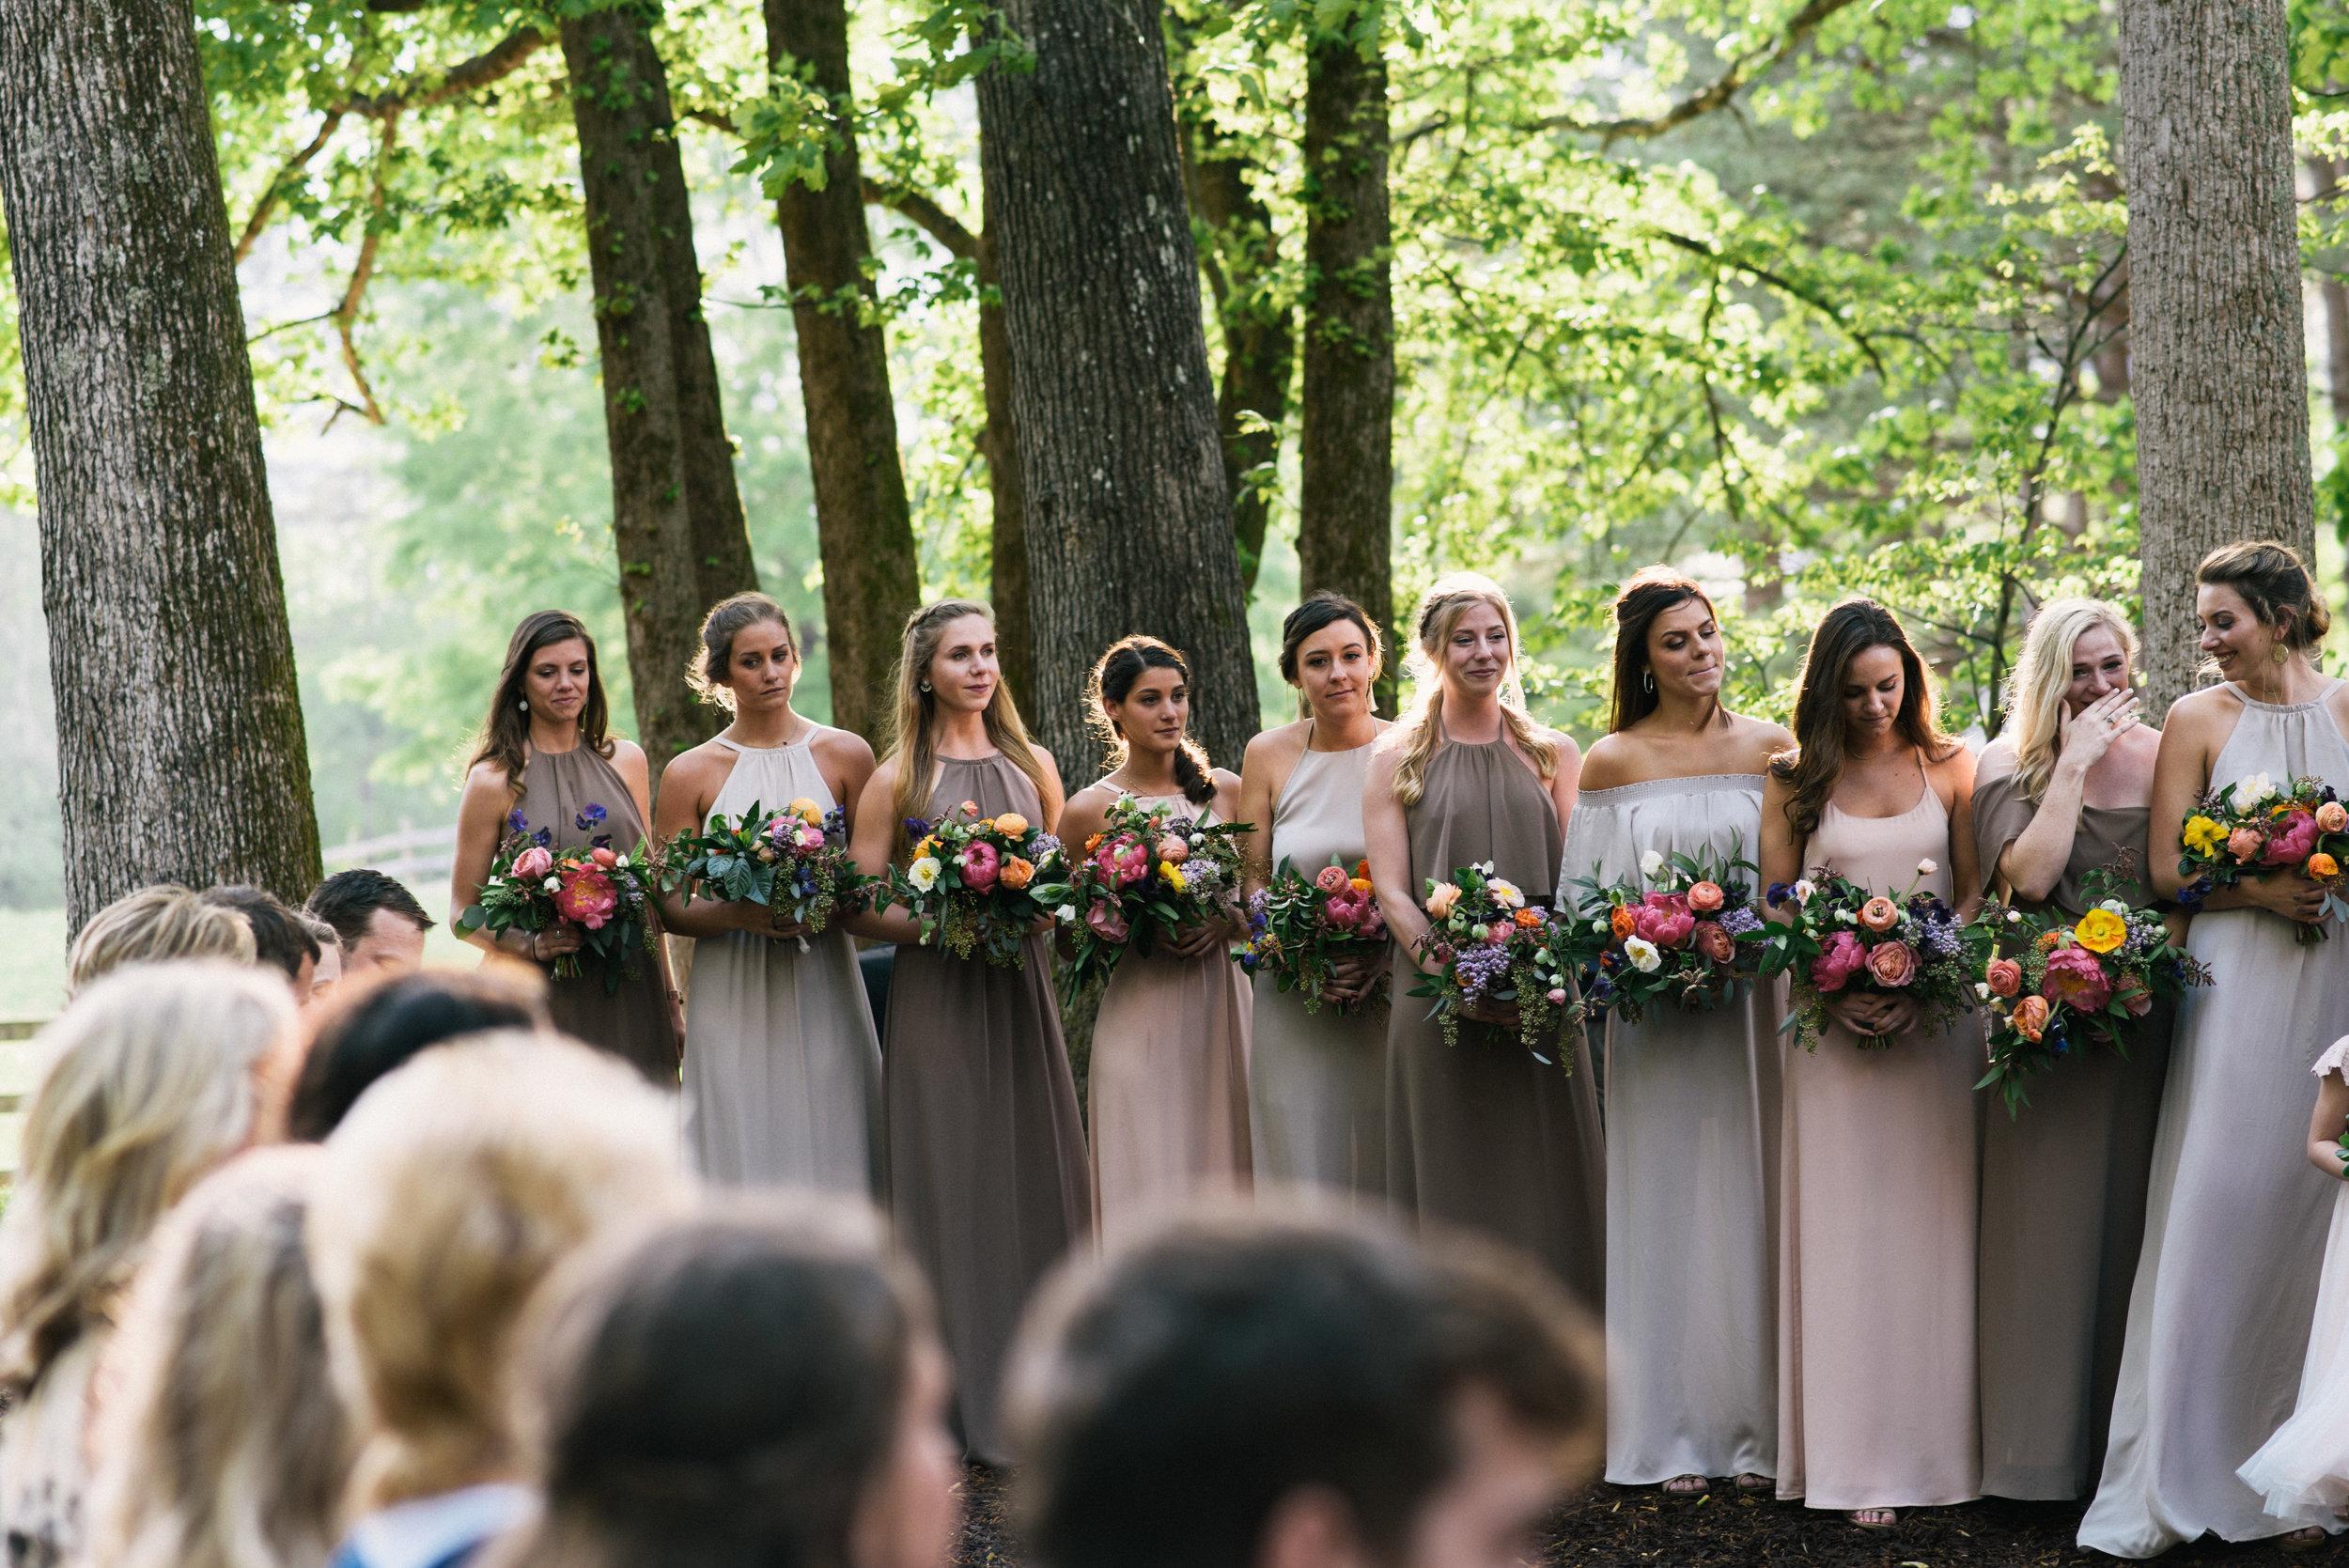 raleigh-elopement-photographer-raleigh-durham-wedding-maddie-and-devin- (102 of 162).jpg